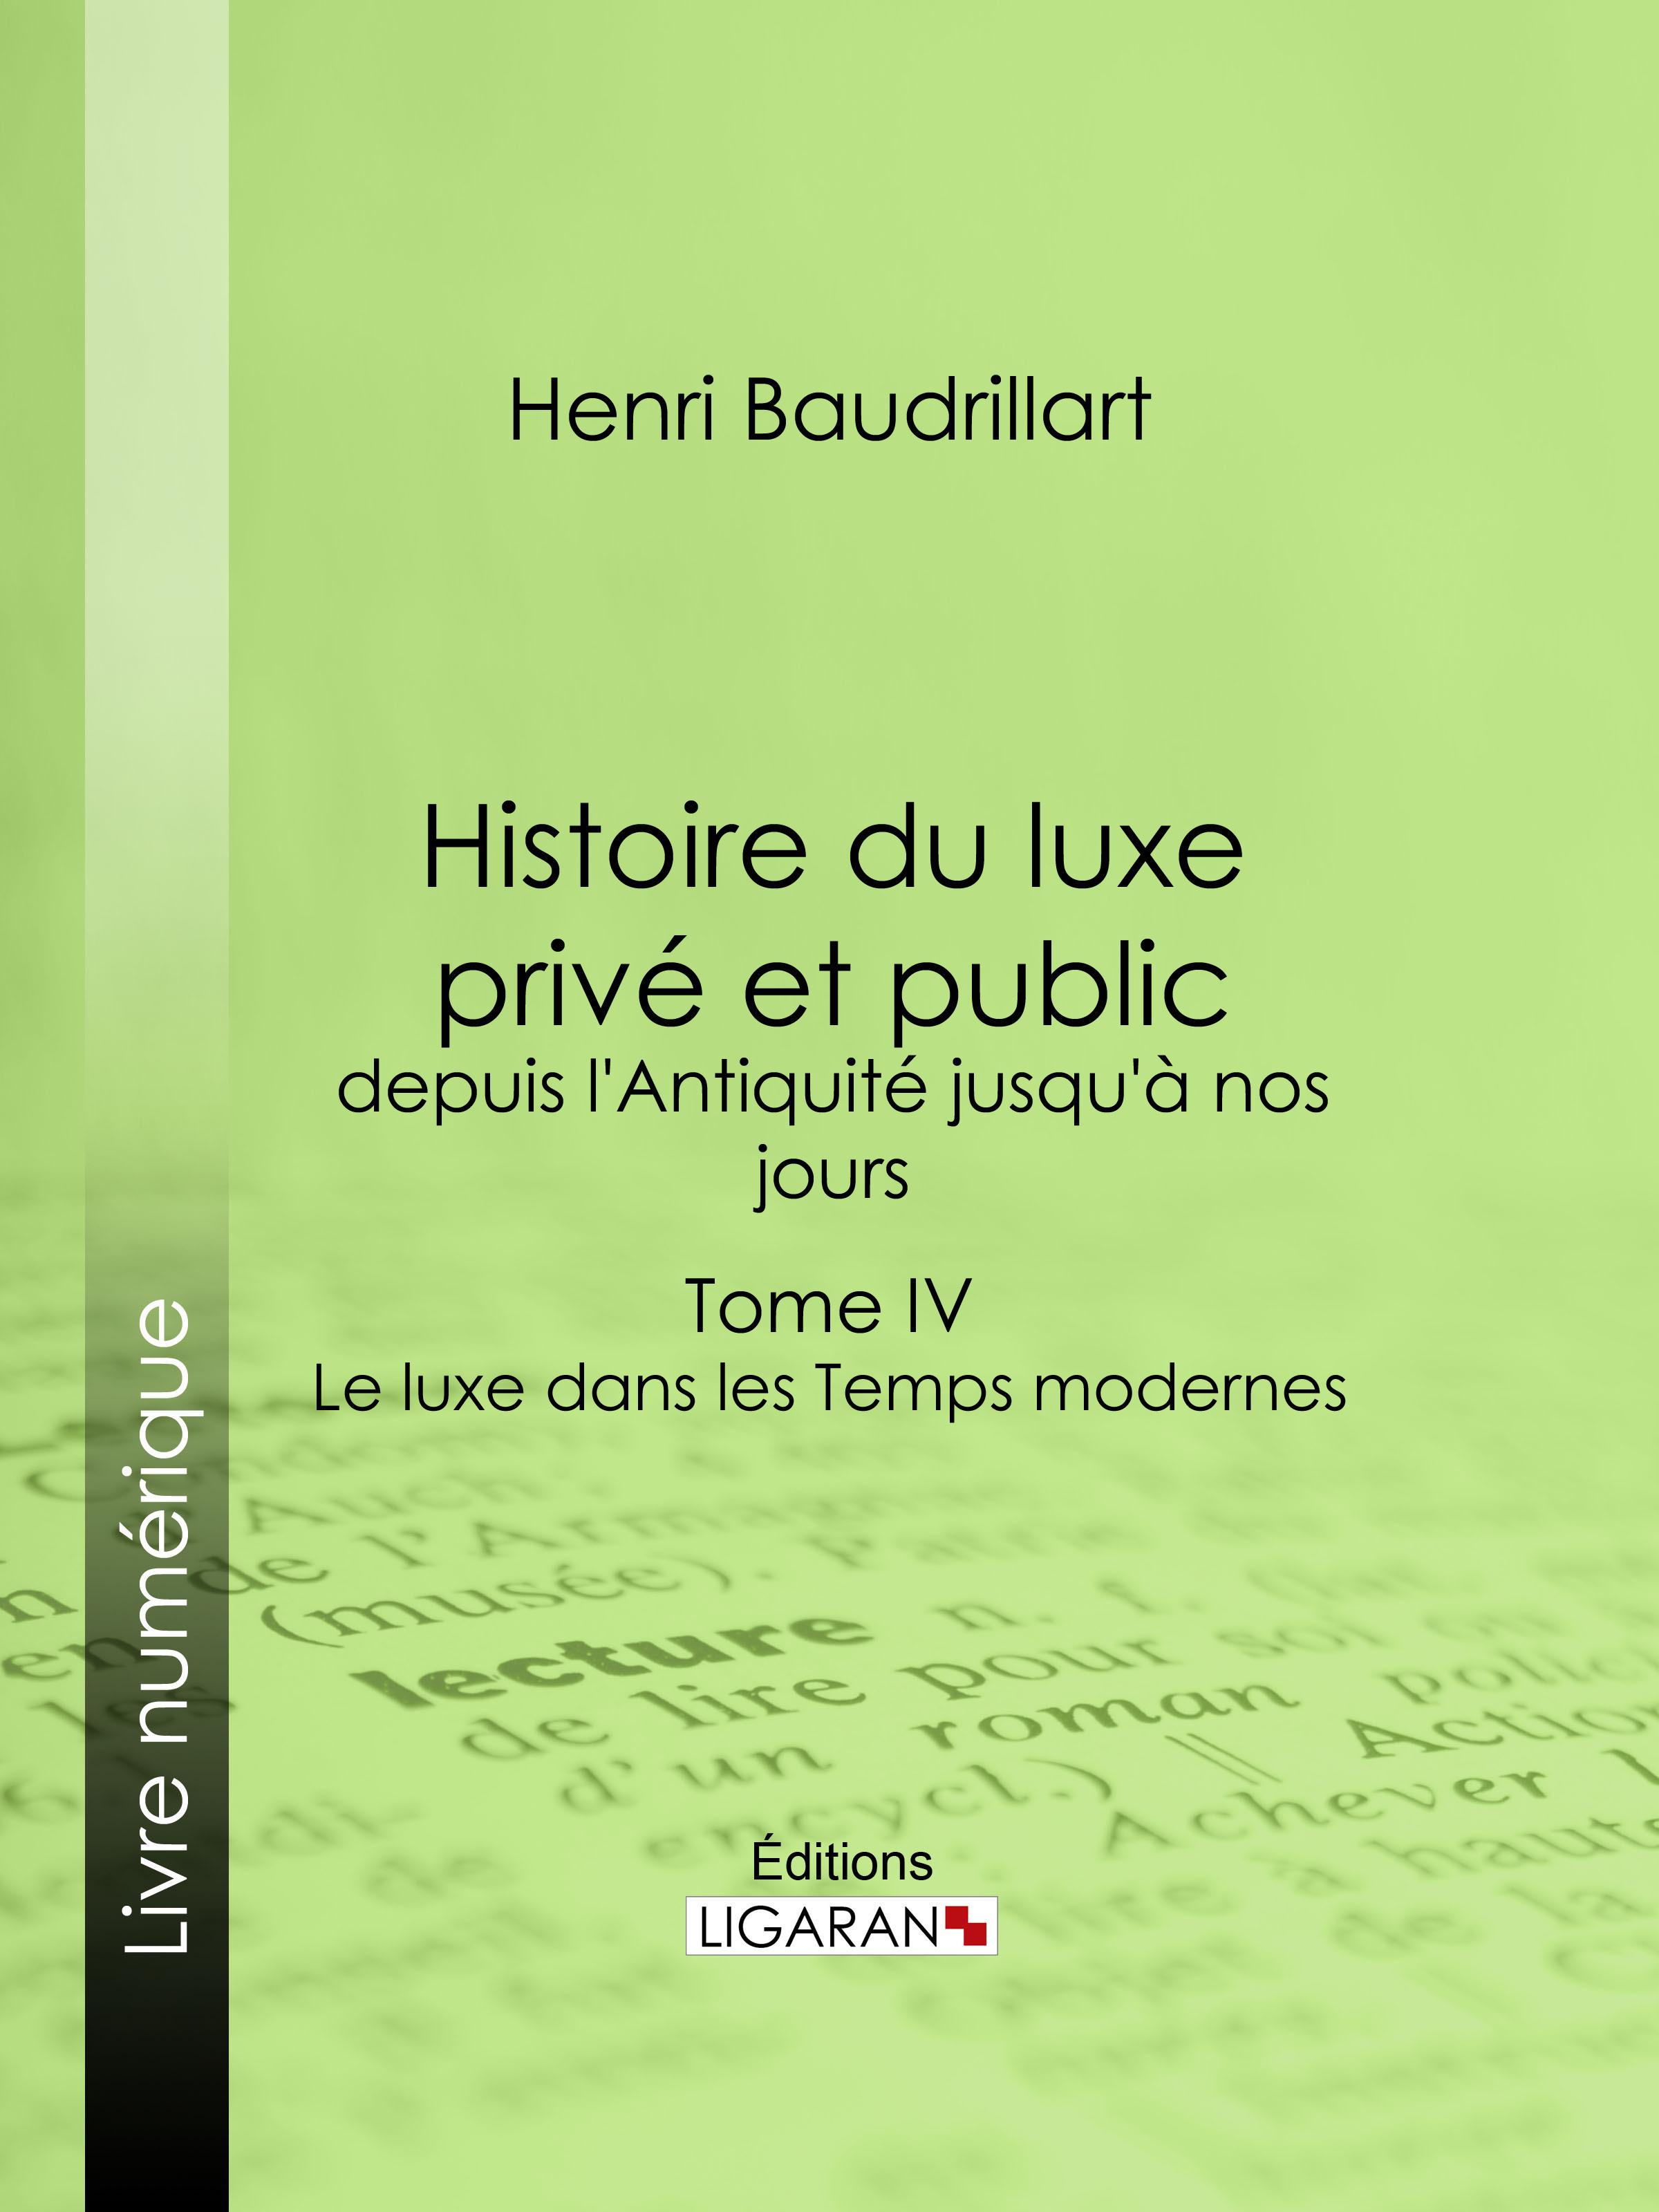 Histoire du luxe privé et public, depuis l'Antiquité jusqu'à nos jours